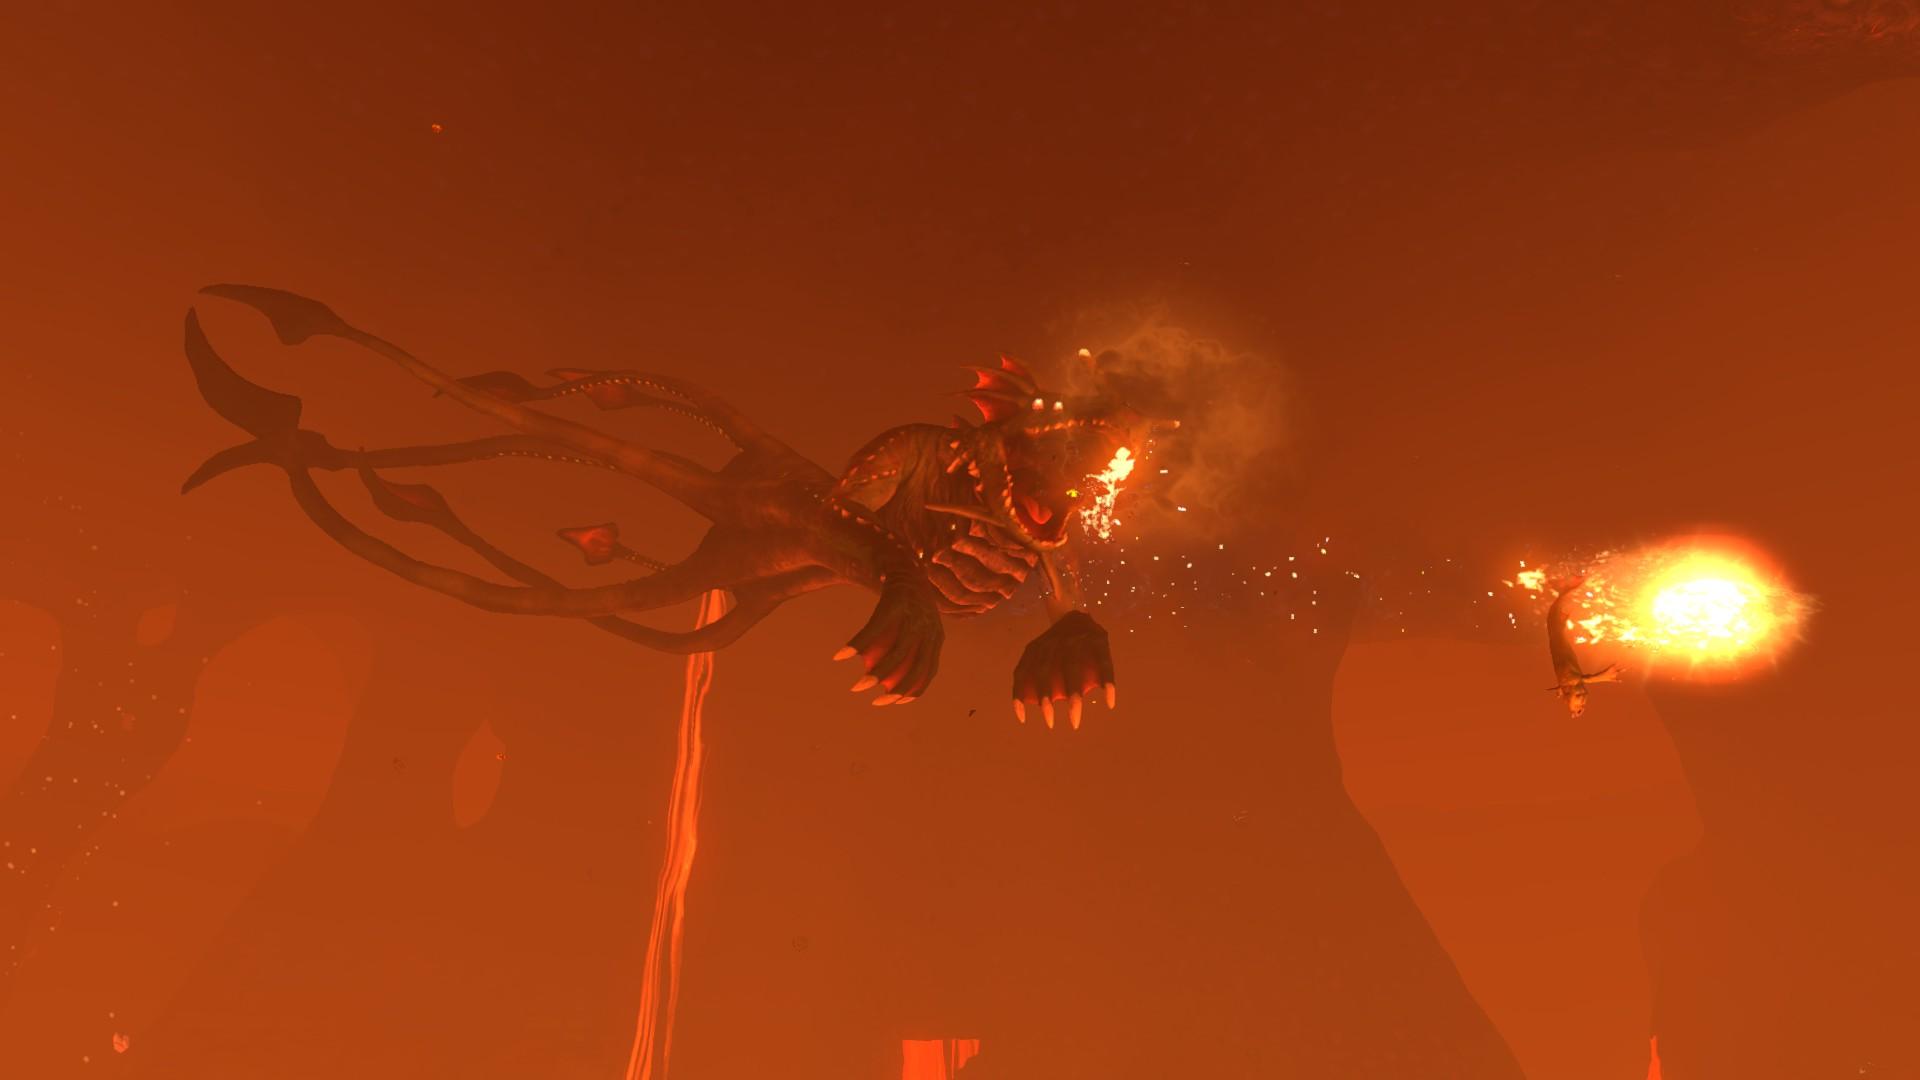 Subnautica's Dangerous Creatures Update is Now Live